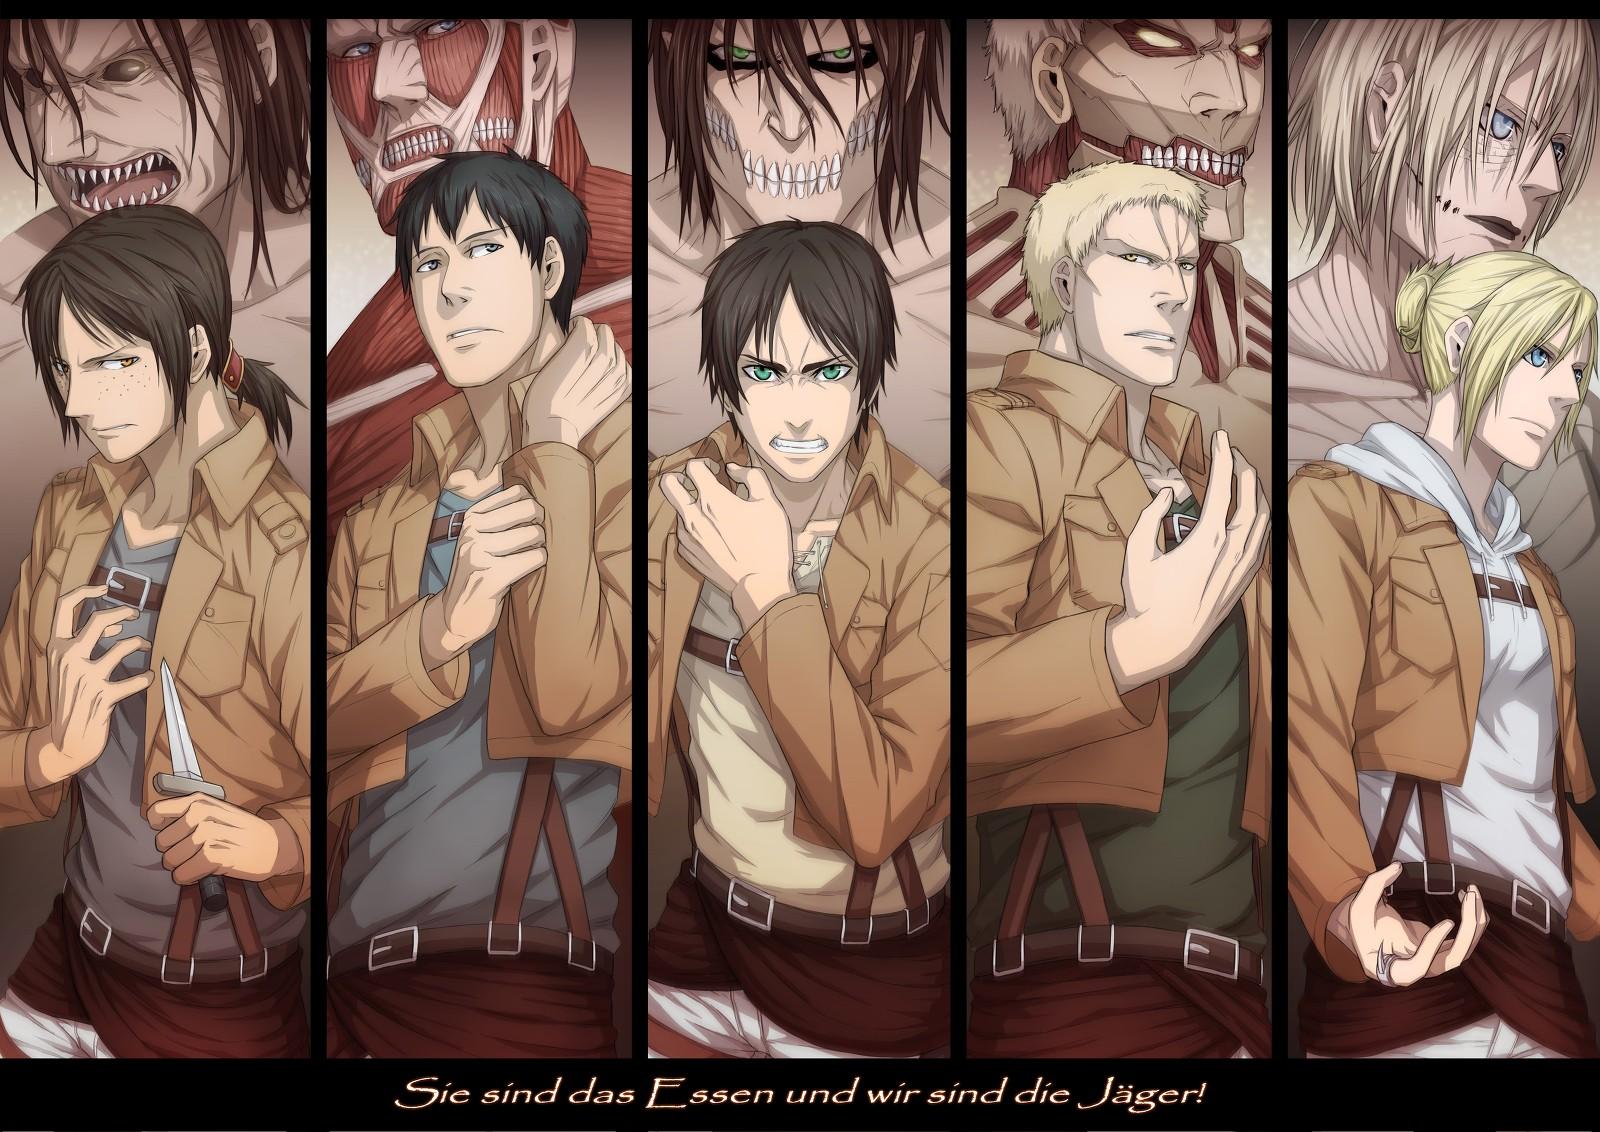 Personnages de Shingeki no Kyojin (Attaque des titans)